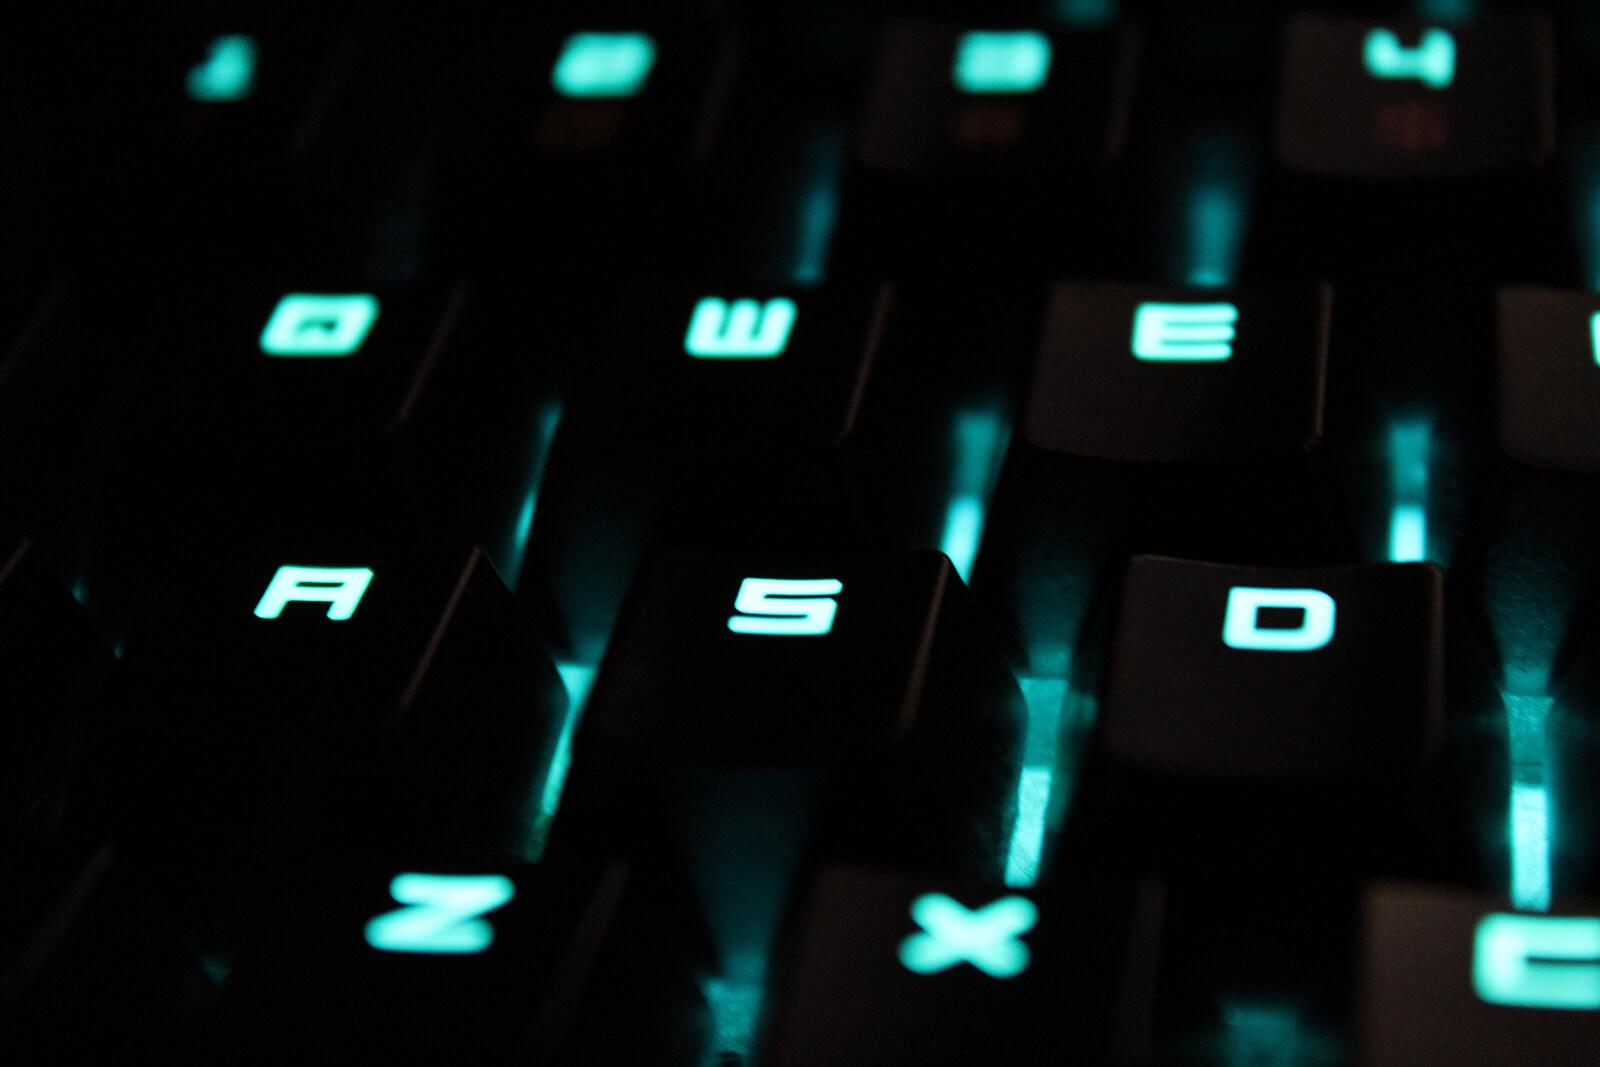 podświetlone klawisze klawiatury